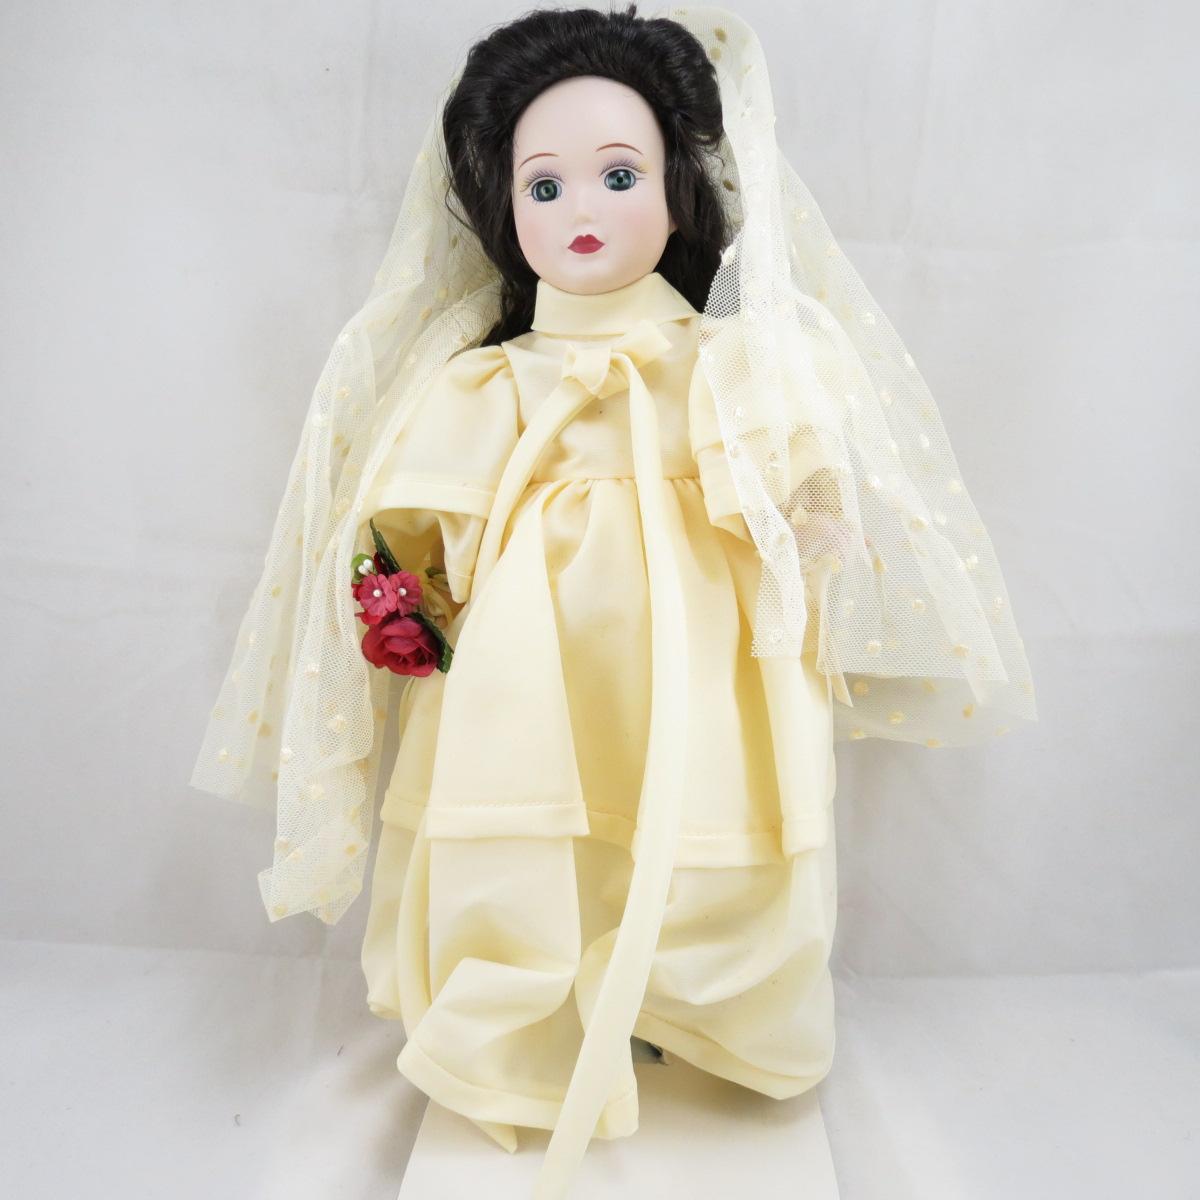 """Декоративная коллекционная фарфоровая кукла из серии """"Невесты Америки"""".Название куклы - Линдси. Современная Невеста. Фирма производитель - Danbury Mint, США.Высота Куклы - 32,5см.Сохранность - Очень хорошая, без сколов, трещин и царапин. Используется исключительно в декоративных целях. Коробка не является декоративной и предназначена для пересылки по почте, так что, может иметь пометки и потёртости, учитывая возраст куклы."""